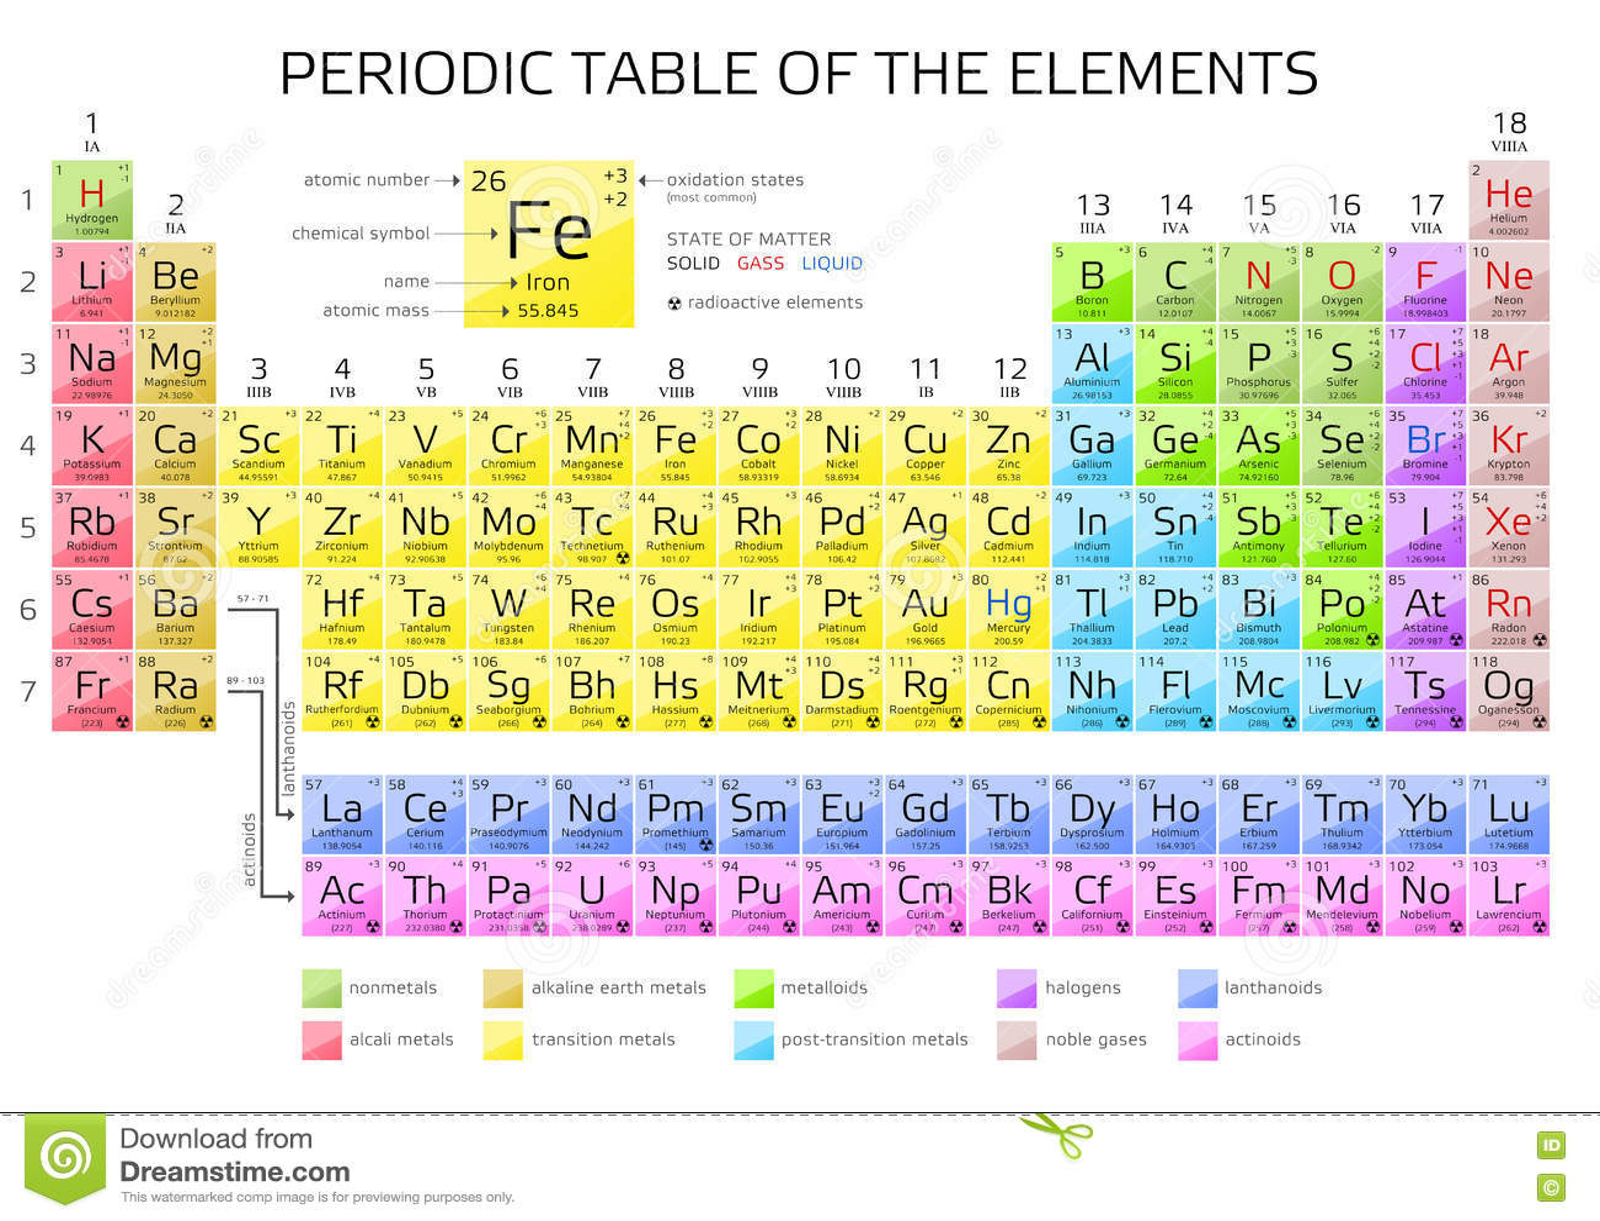 Tavola periodica degli elementi del s di mendeleev con i nuovi elementi 2016 illustrazione - Tavola periodica di mendeleev ...